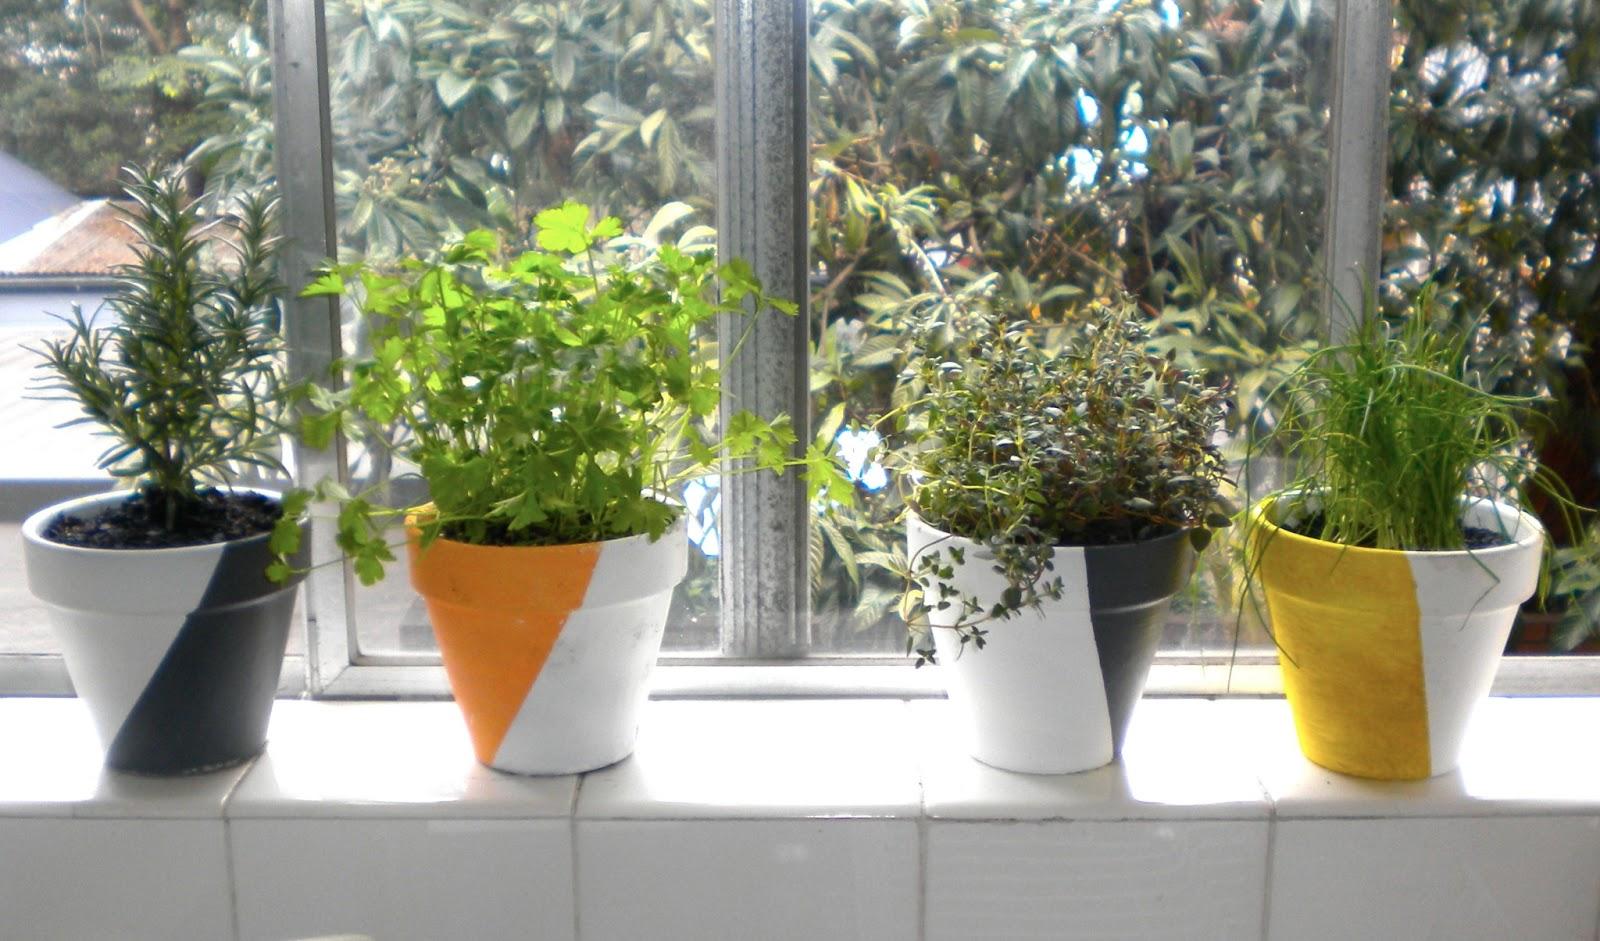 ... Different Plants Easily. Pots